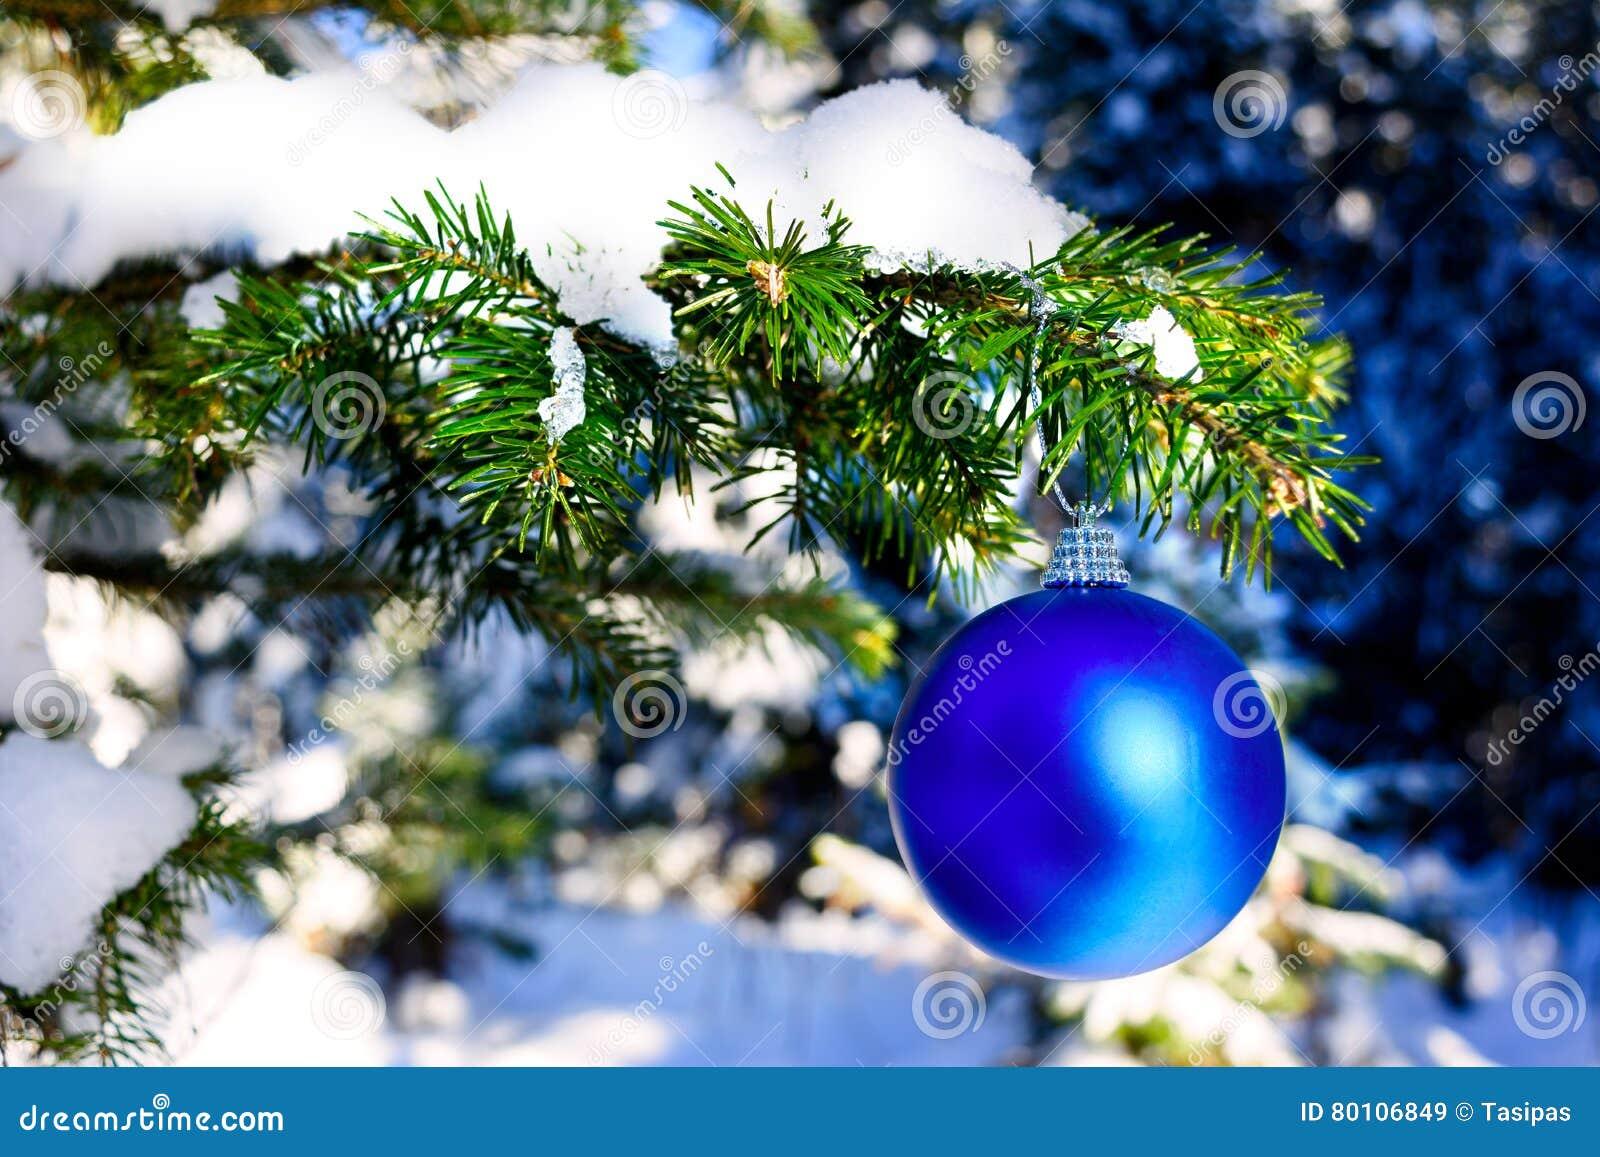 Ejecución azul del ornamento de la Navidad en rama del árbol forestal